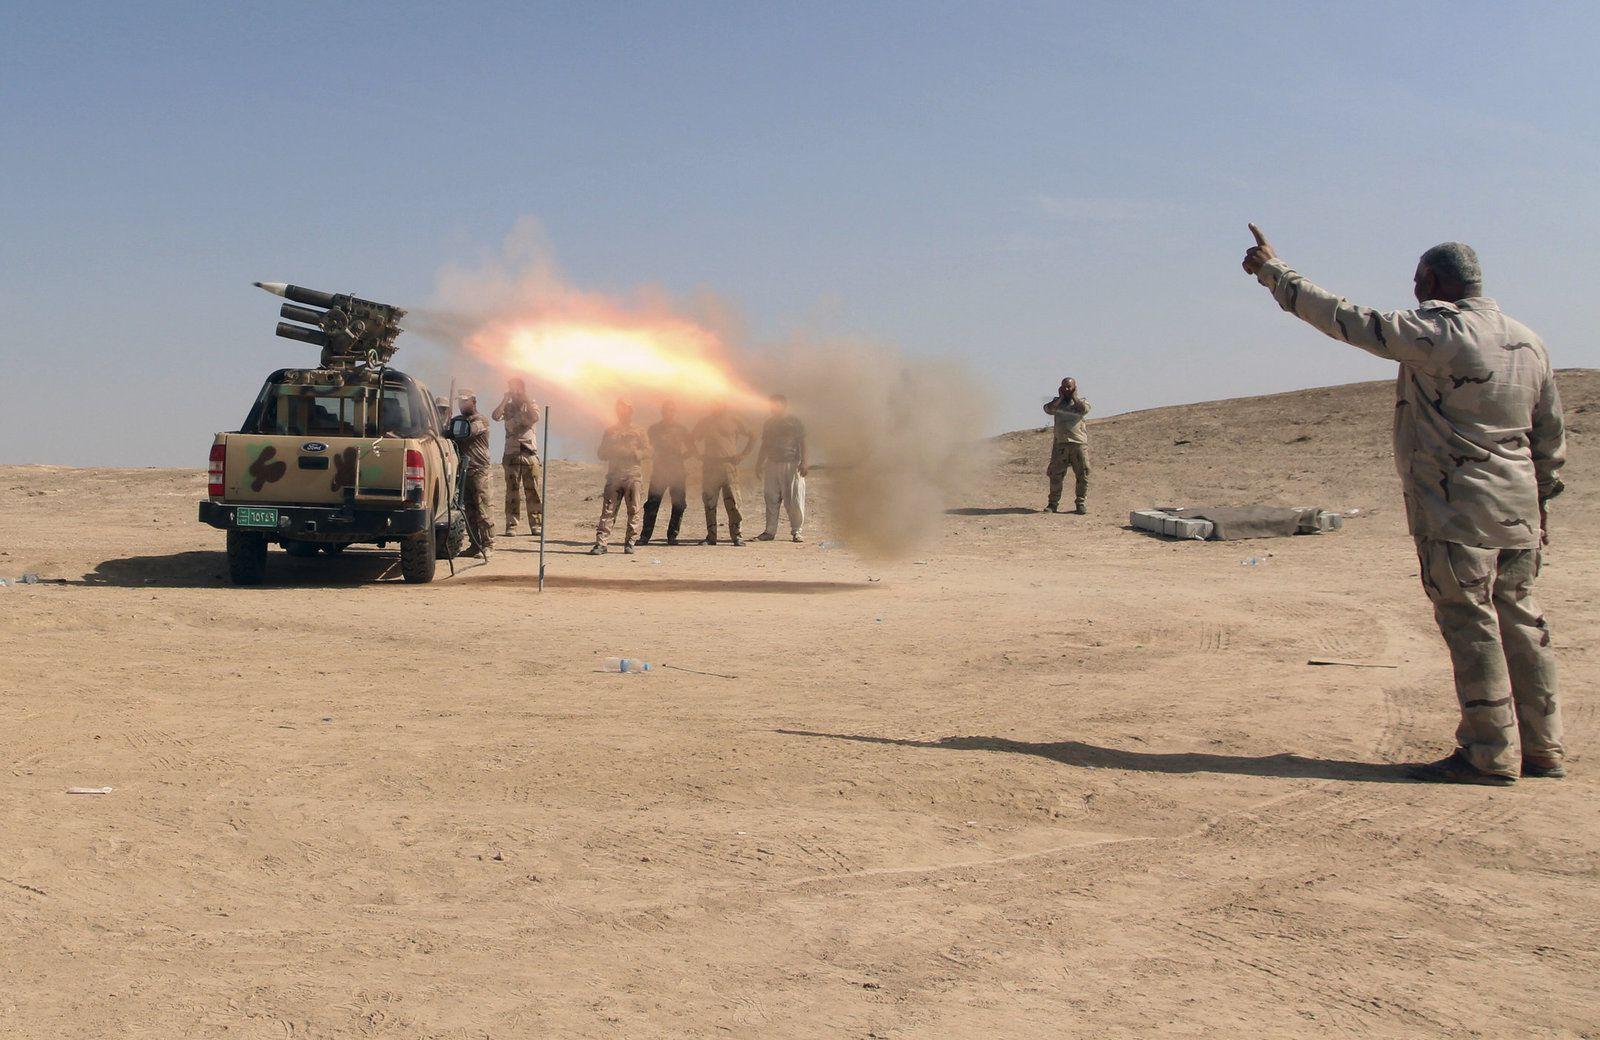 Les forces de sécurité irakiennes et les Forces de Mobilisation populaires alliées ont tiré des roquettes sur les positions de Daesh dans un champ de pétrole près de Beiji, à environ 250 kilomètres (155 miles) au nord de Bagdad en Irak, le samedi 24 octobre 2015